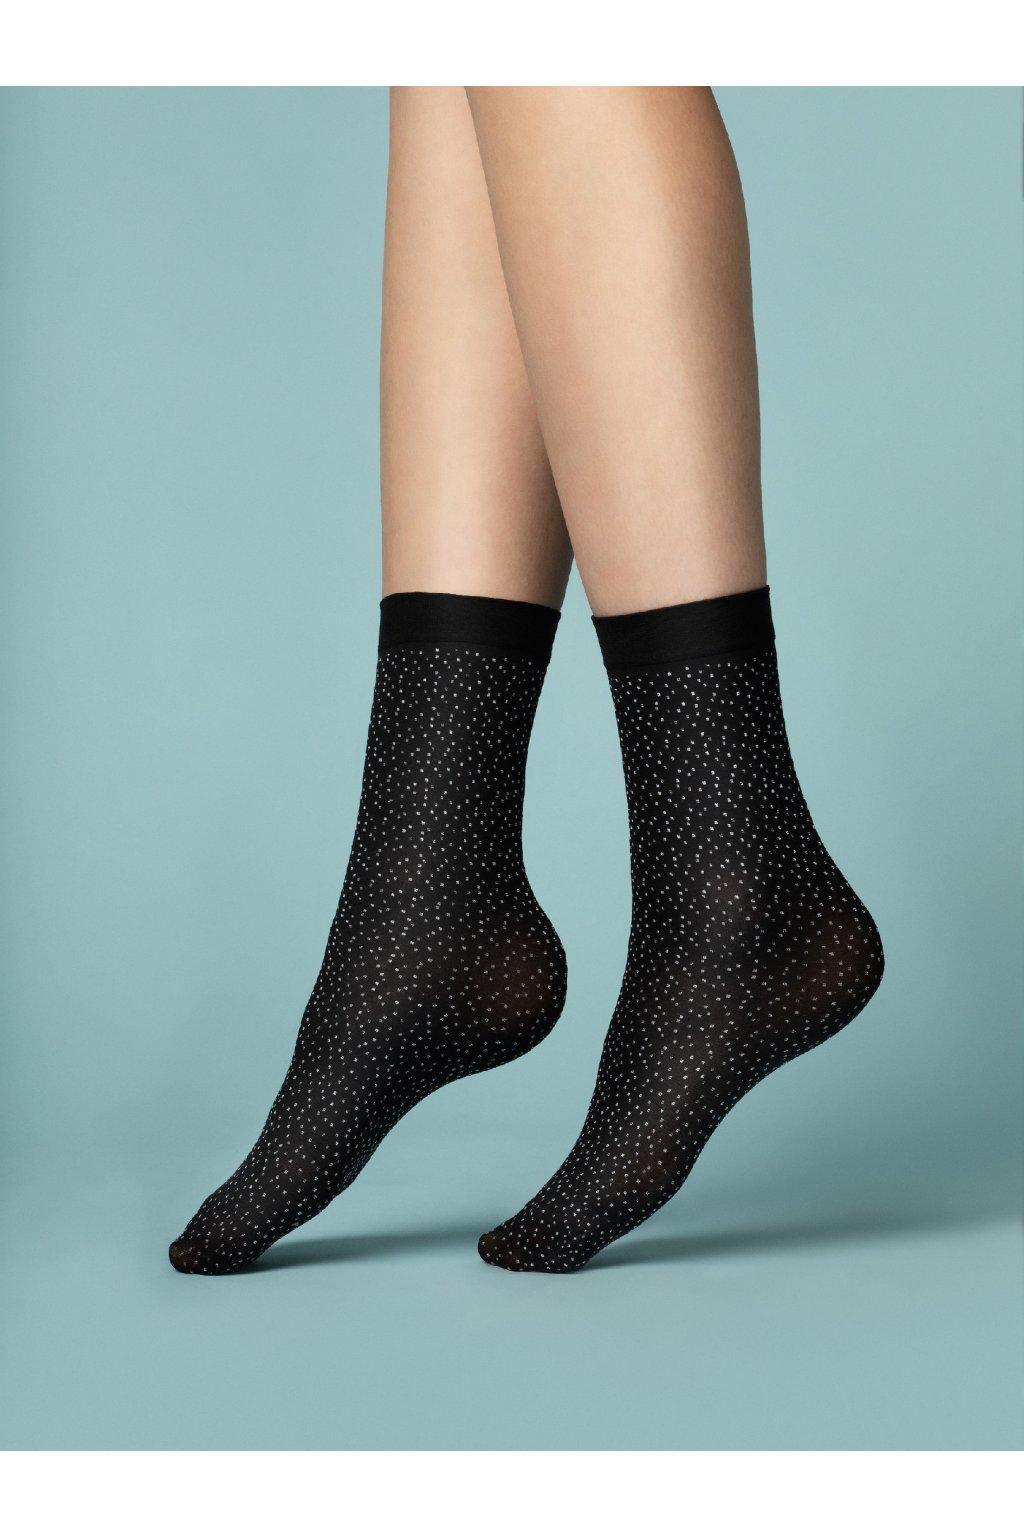 Silonkové ponožky, vzorované ponožky, ponožky cribs, silonky, bodkované (1)